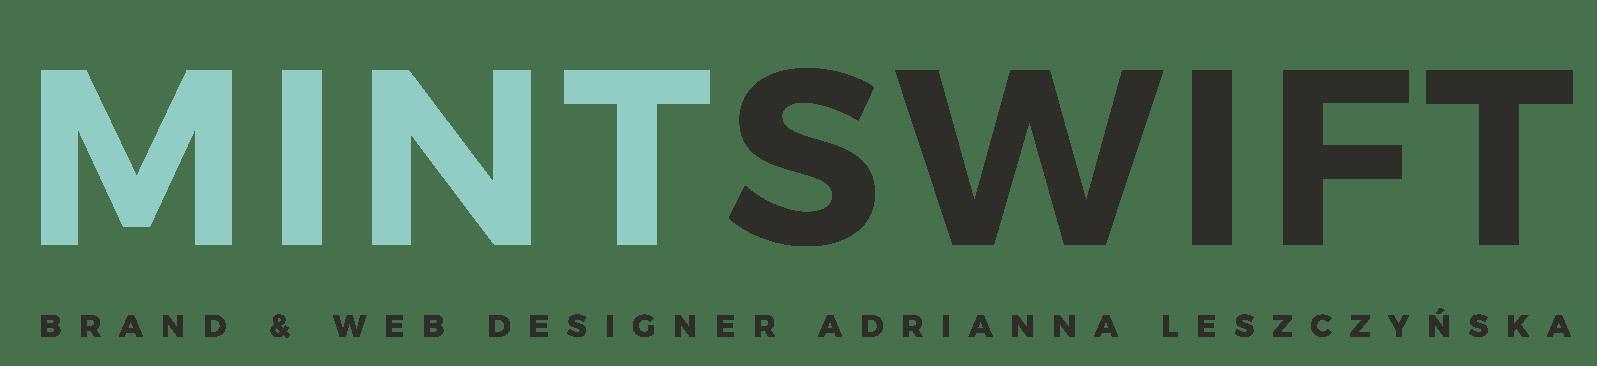 MintSwift - Brand & Web Designer Adrianna Leszczynska - Main Logo